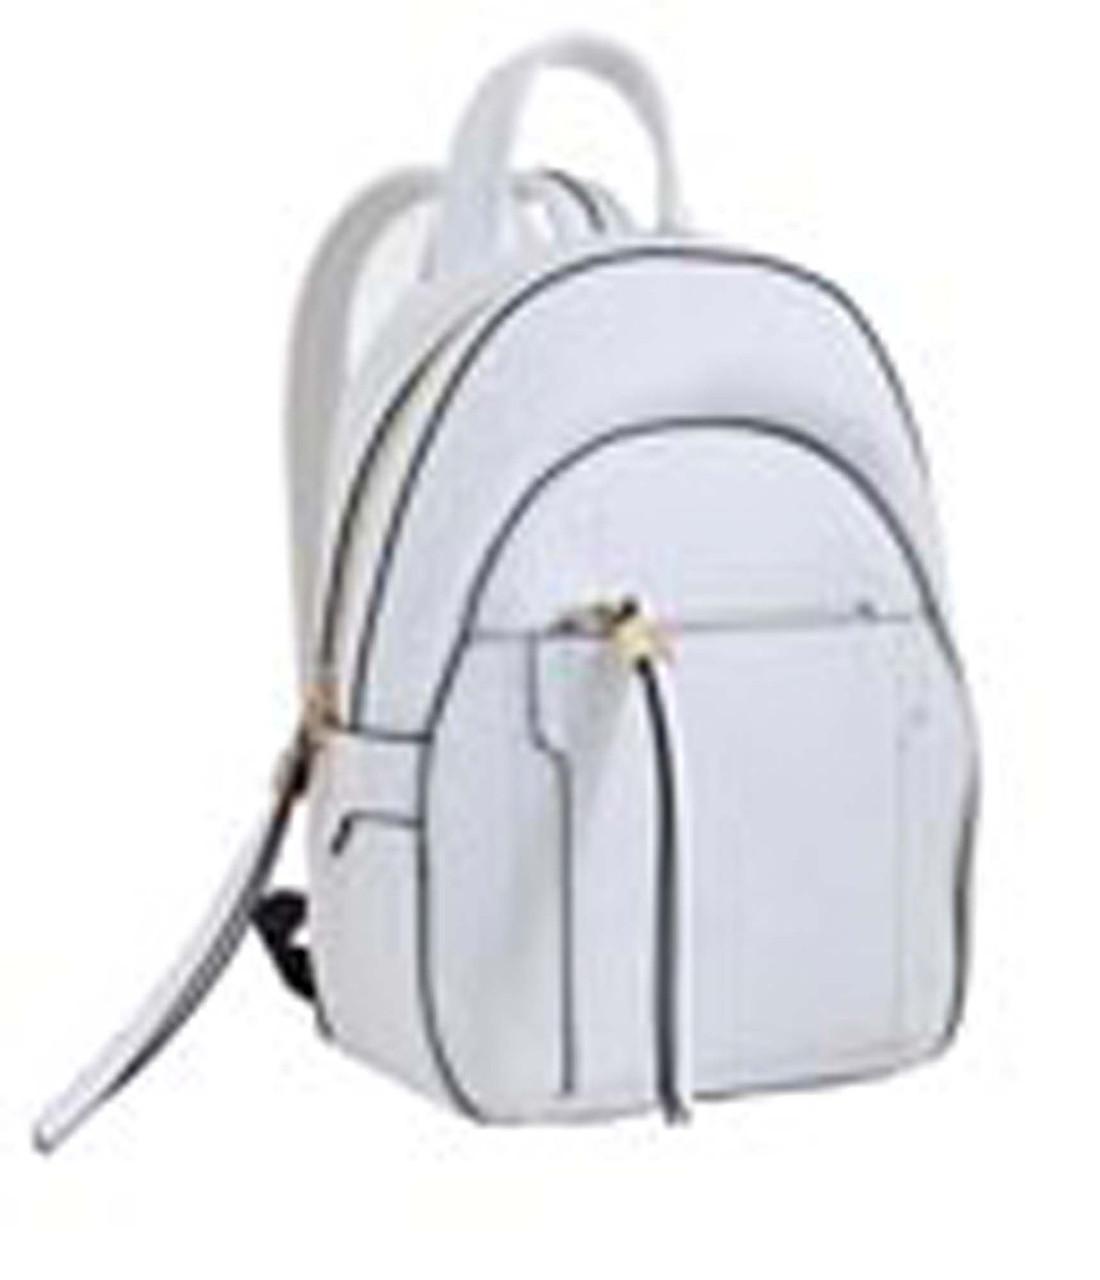 b8df8bb6afb 553972 Сумка-рюкзак YES Weekend (белая средняя) - Магазин